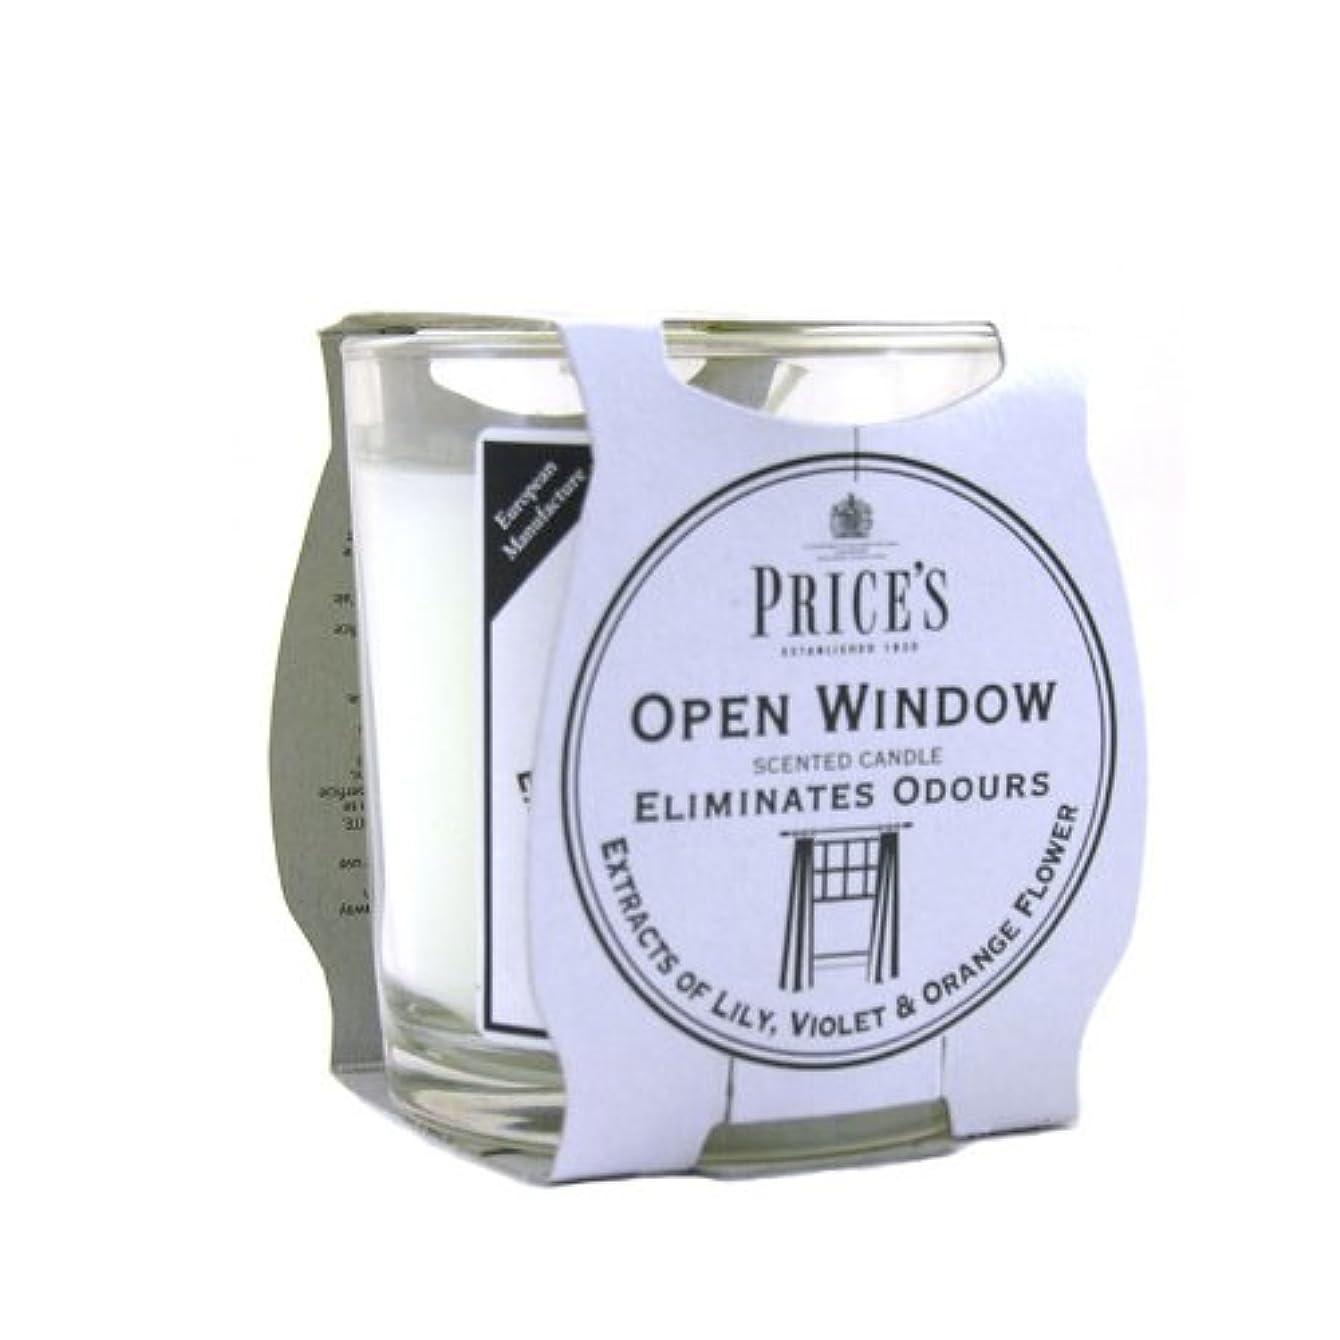 クリップ蝶酔った非常にPrice′s(プライシズ) Fresh Air CANDLE TIN Jar type (フレッシュエアー キャンドル ジャータイプ) OPEN WINDOW(オープンウィンドゥ)